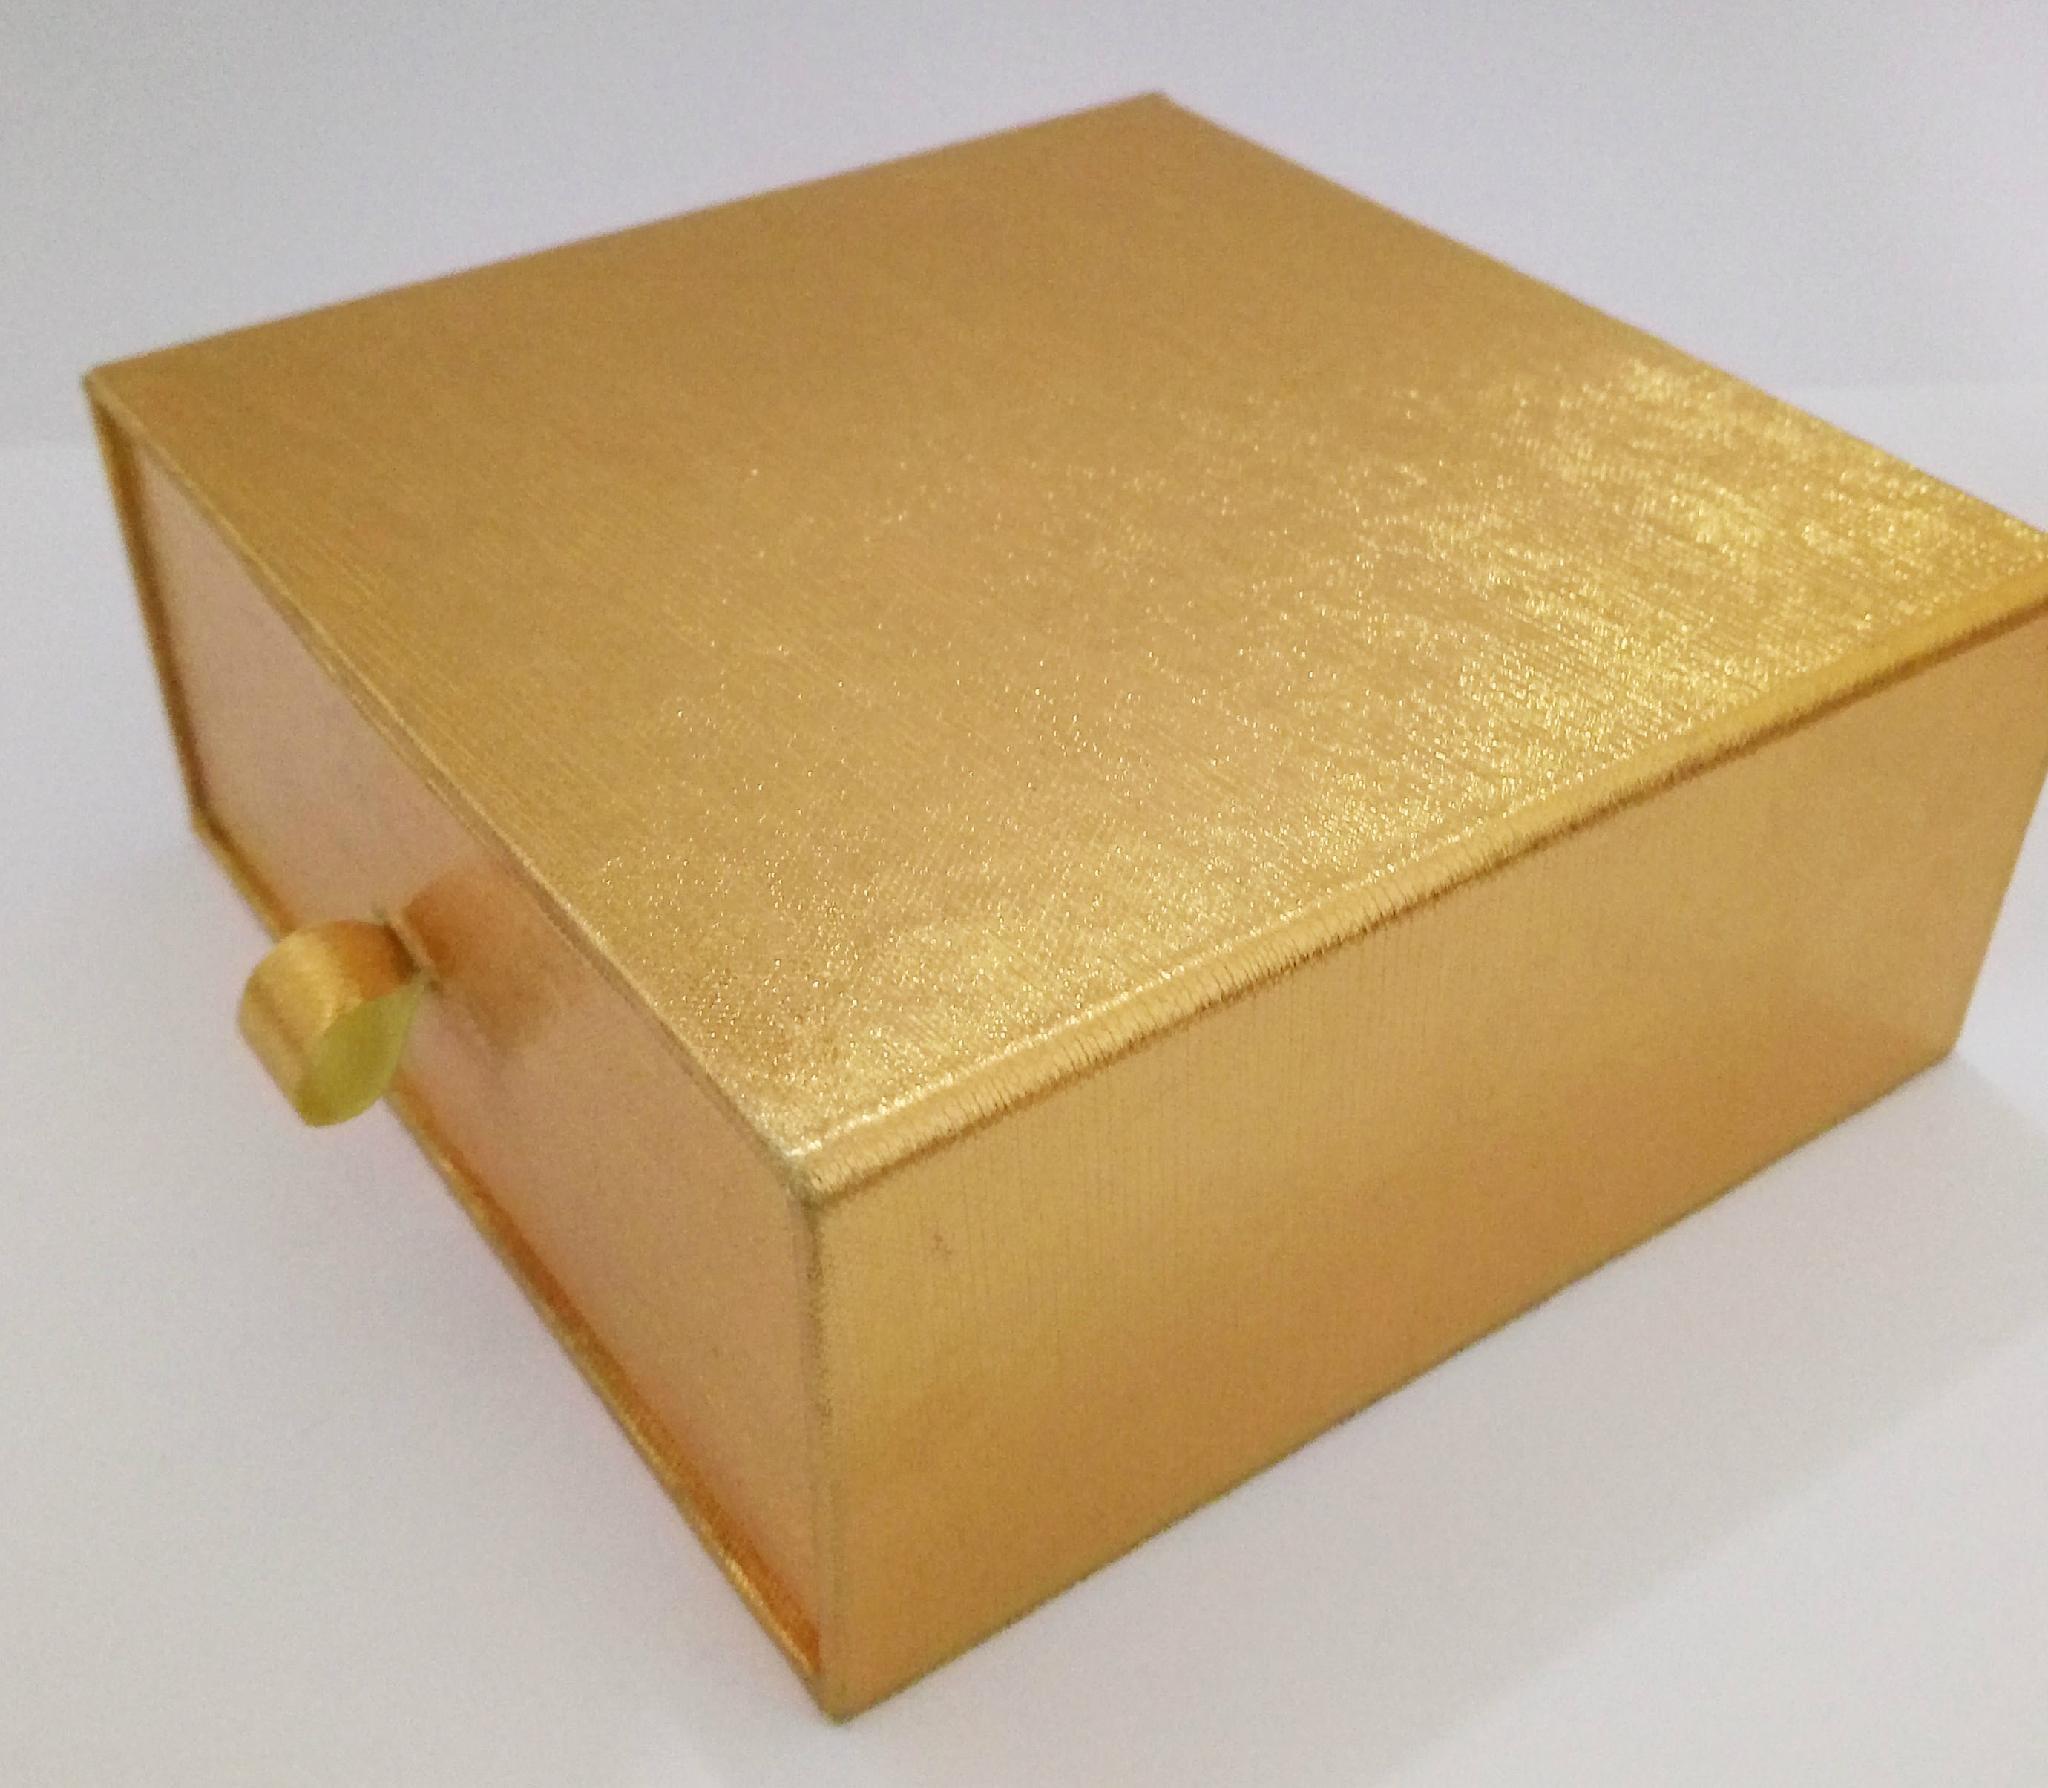 高檔禮品首飾紙盒 2